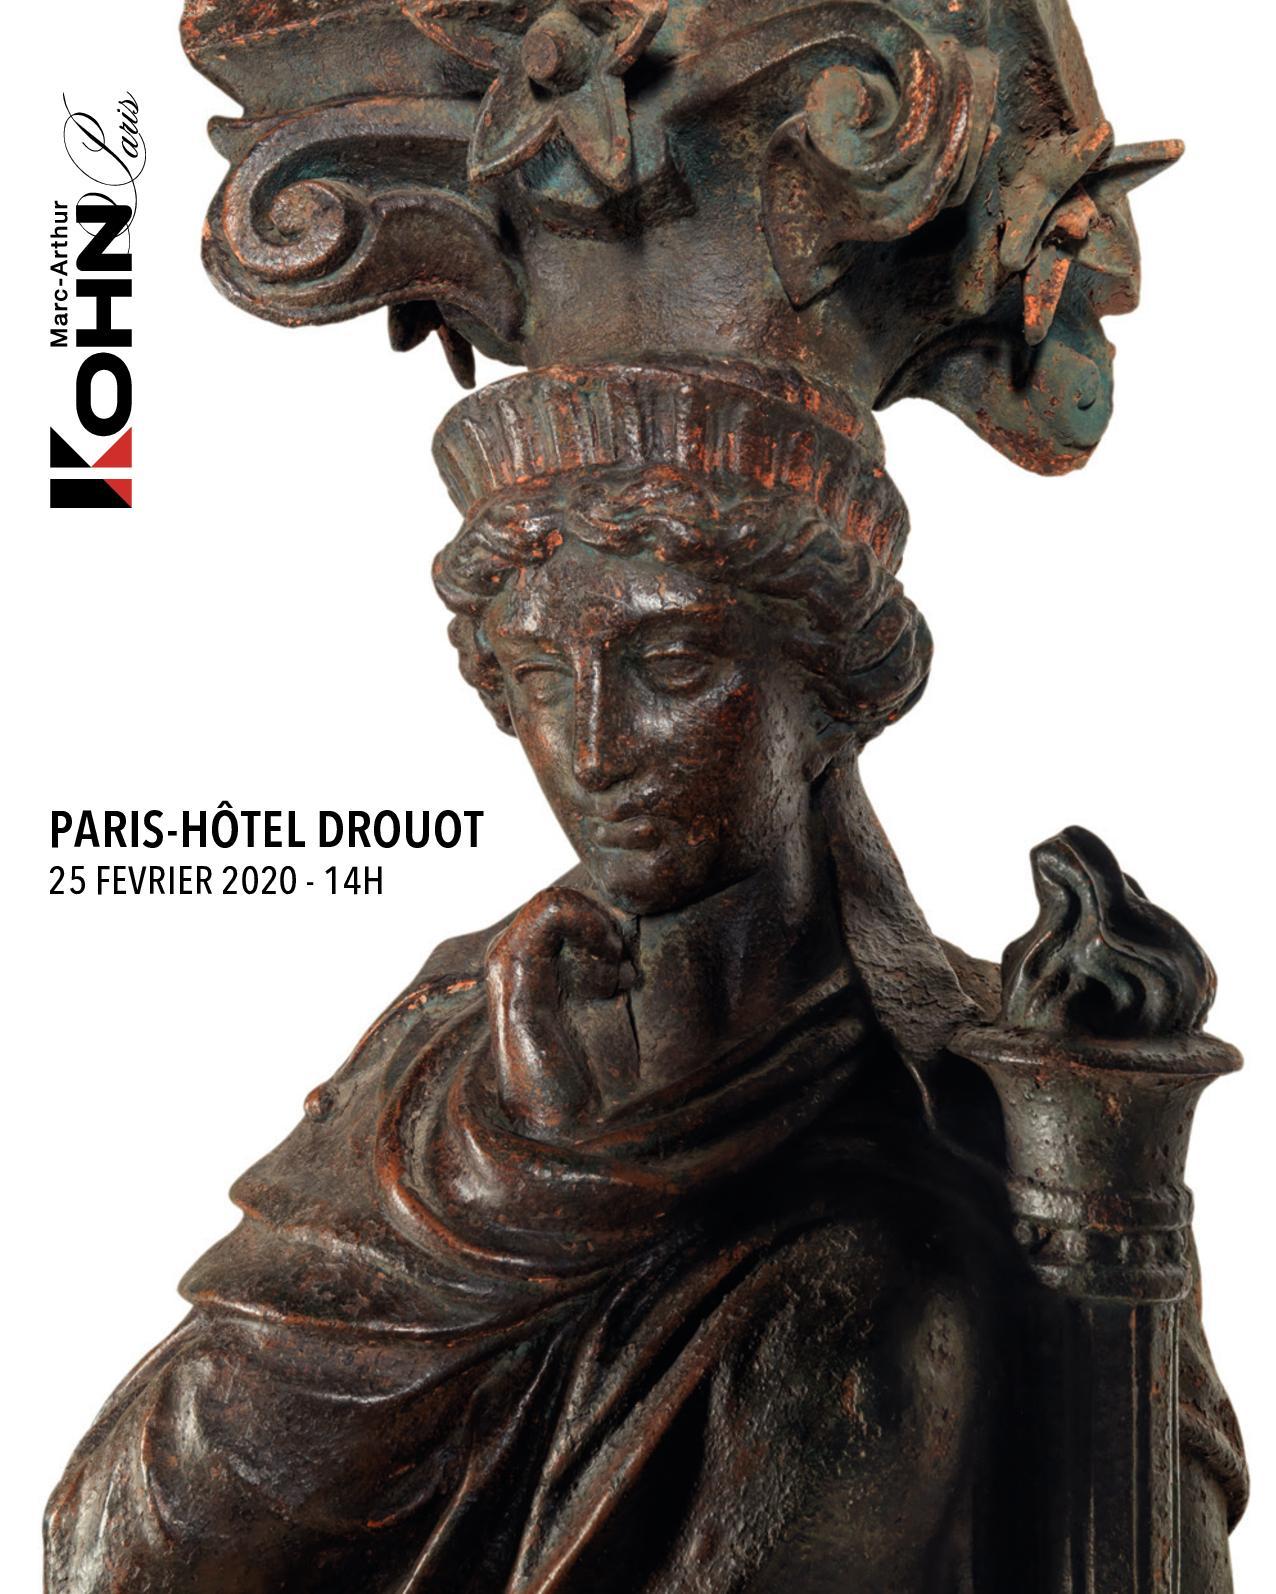 Portail Des Flandres Salome calaméo - #140 drouot marc-arthur kohn